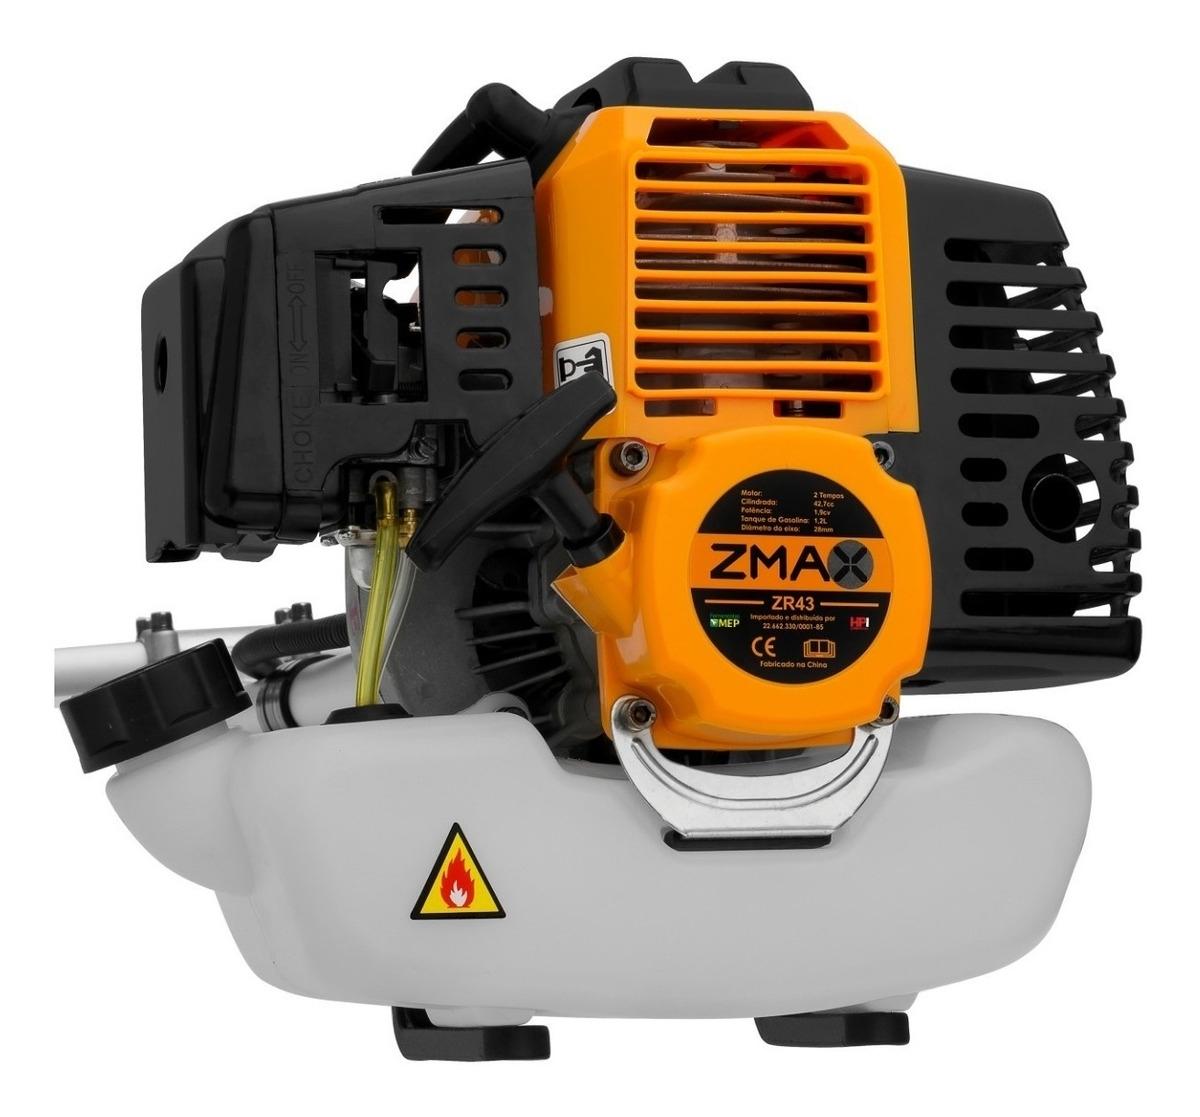 Roçadeira A Gasolina 42,7cc ZMAX ZR43 - Ferramentas MEP